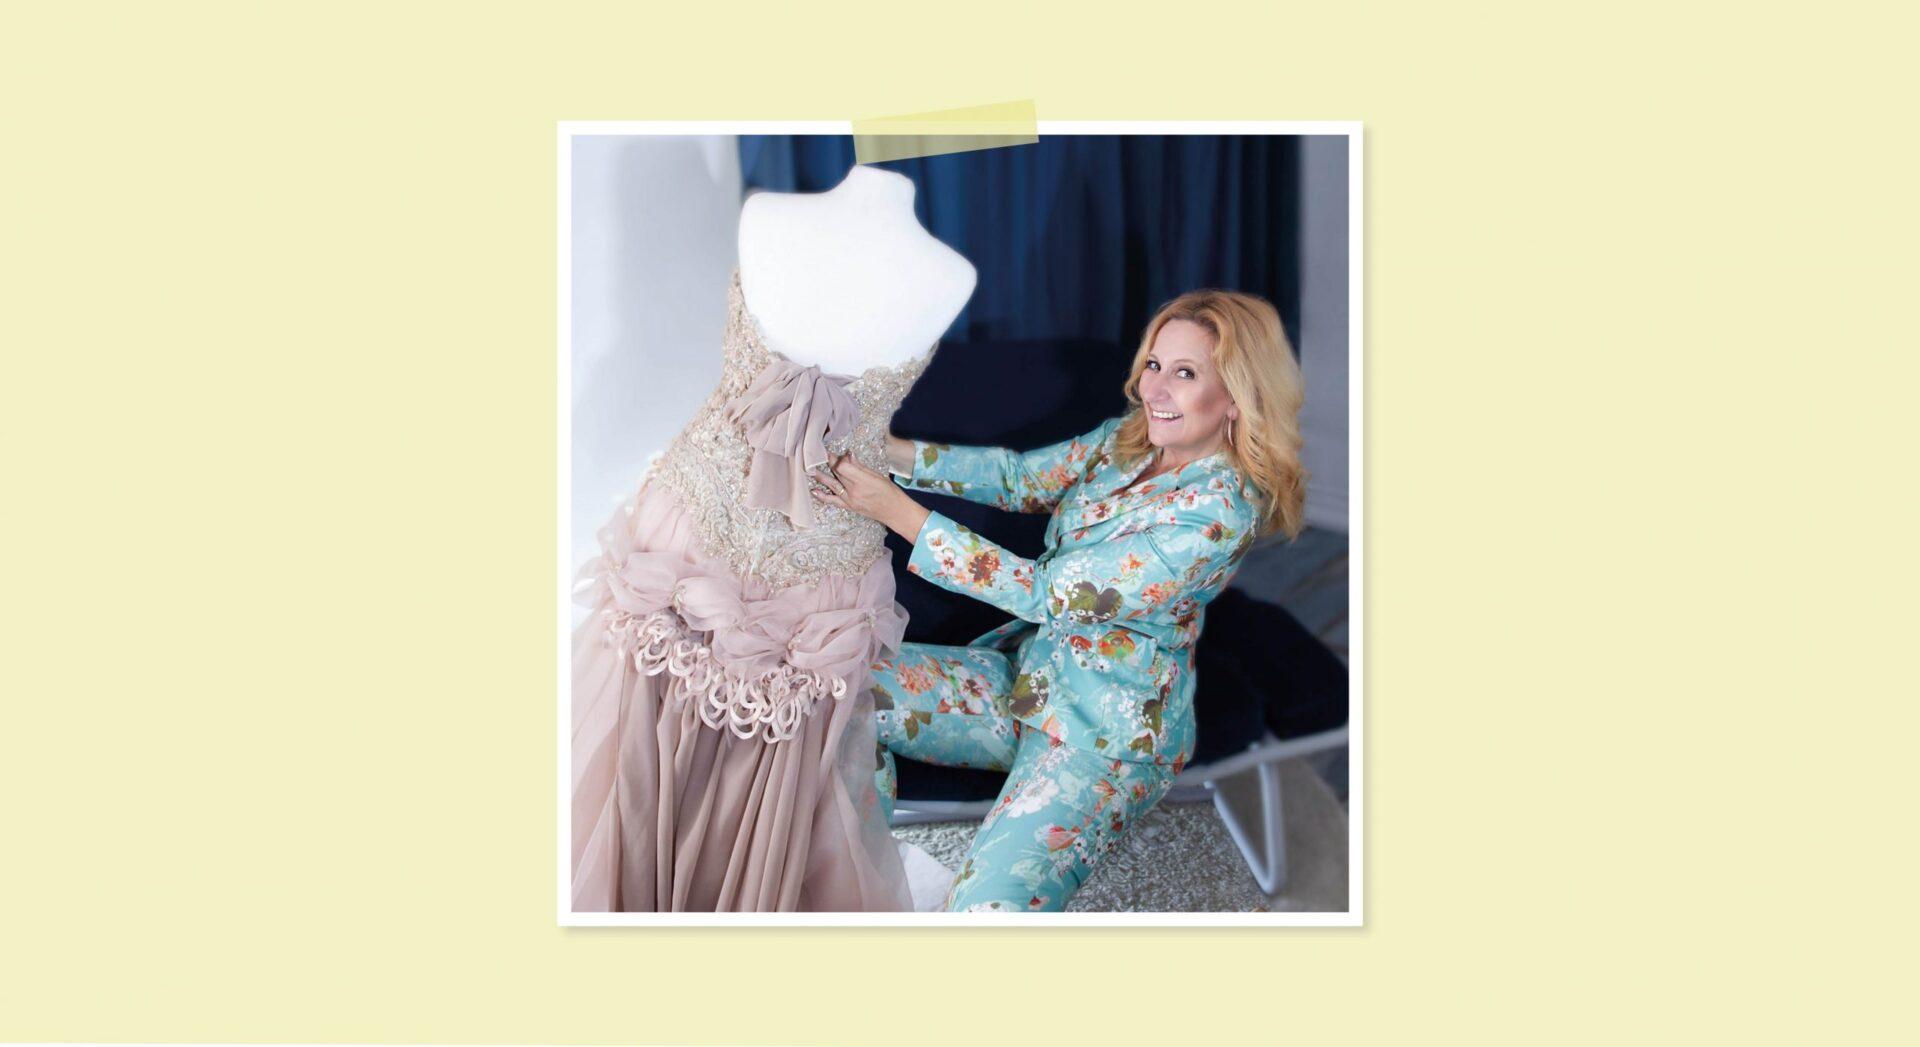 headerModeontwerpster scaled Modeblogger Monique Désar over haar week: 'Zaterdag is de modeshow, maar voor die tijd moet er nog heel veel gebeuren....!'